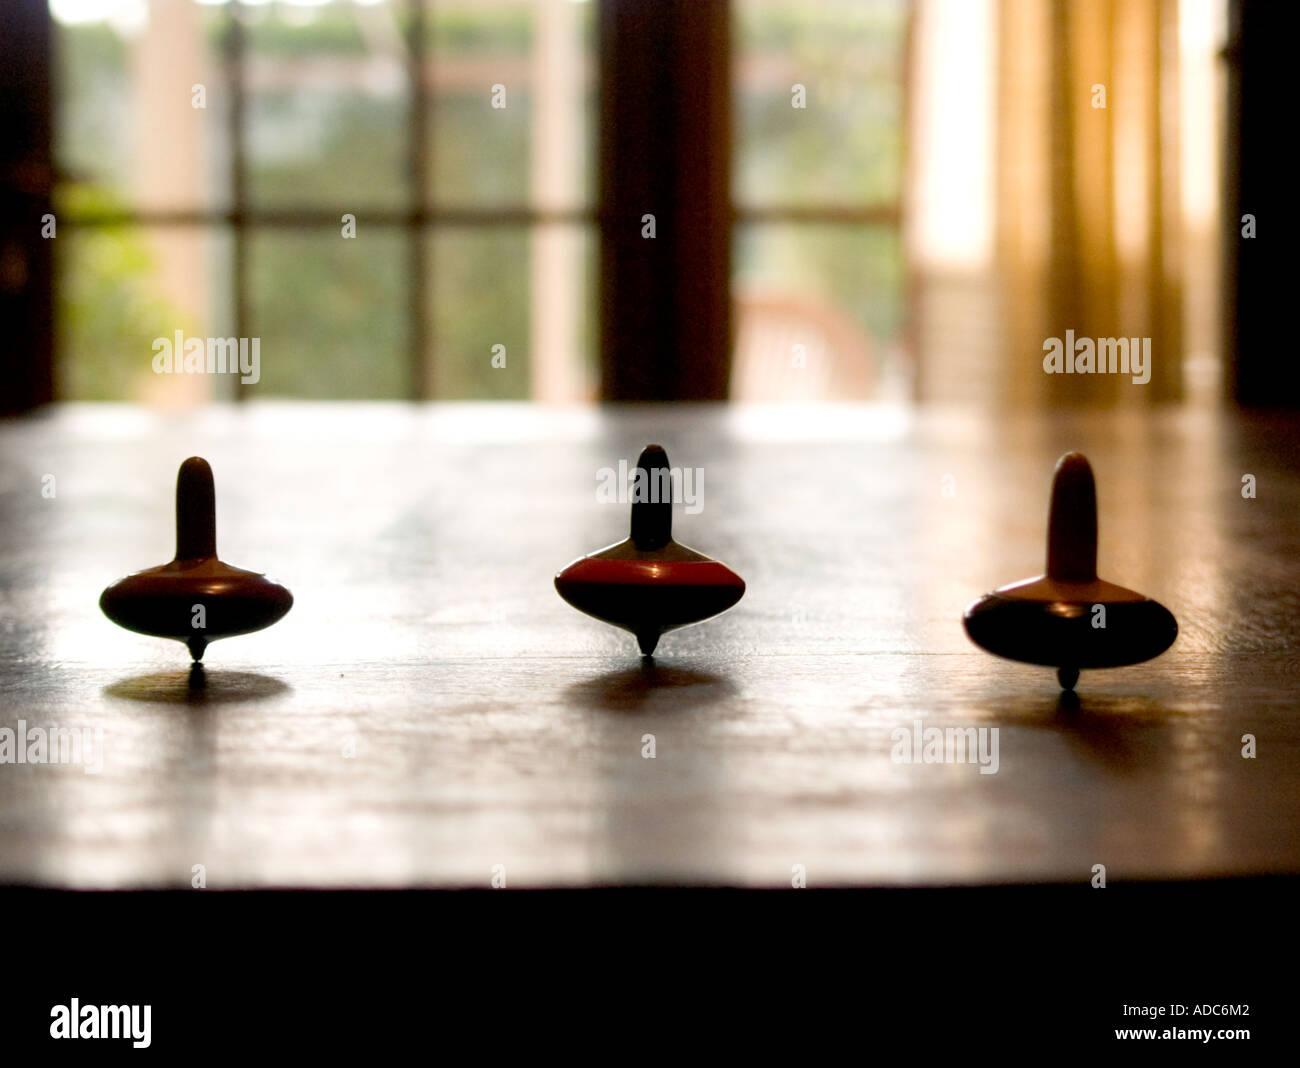 drei Kreisel dreht in Linie auf Küchentisch Stockbild